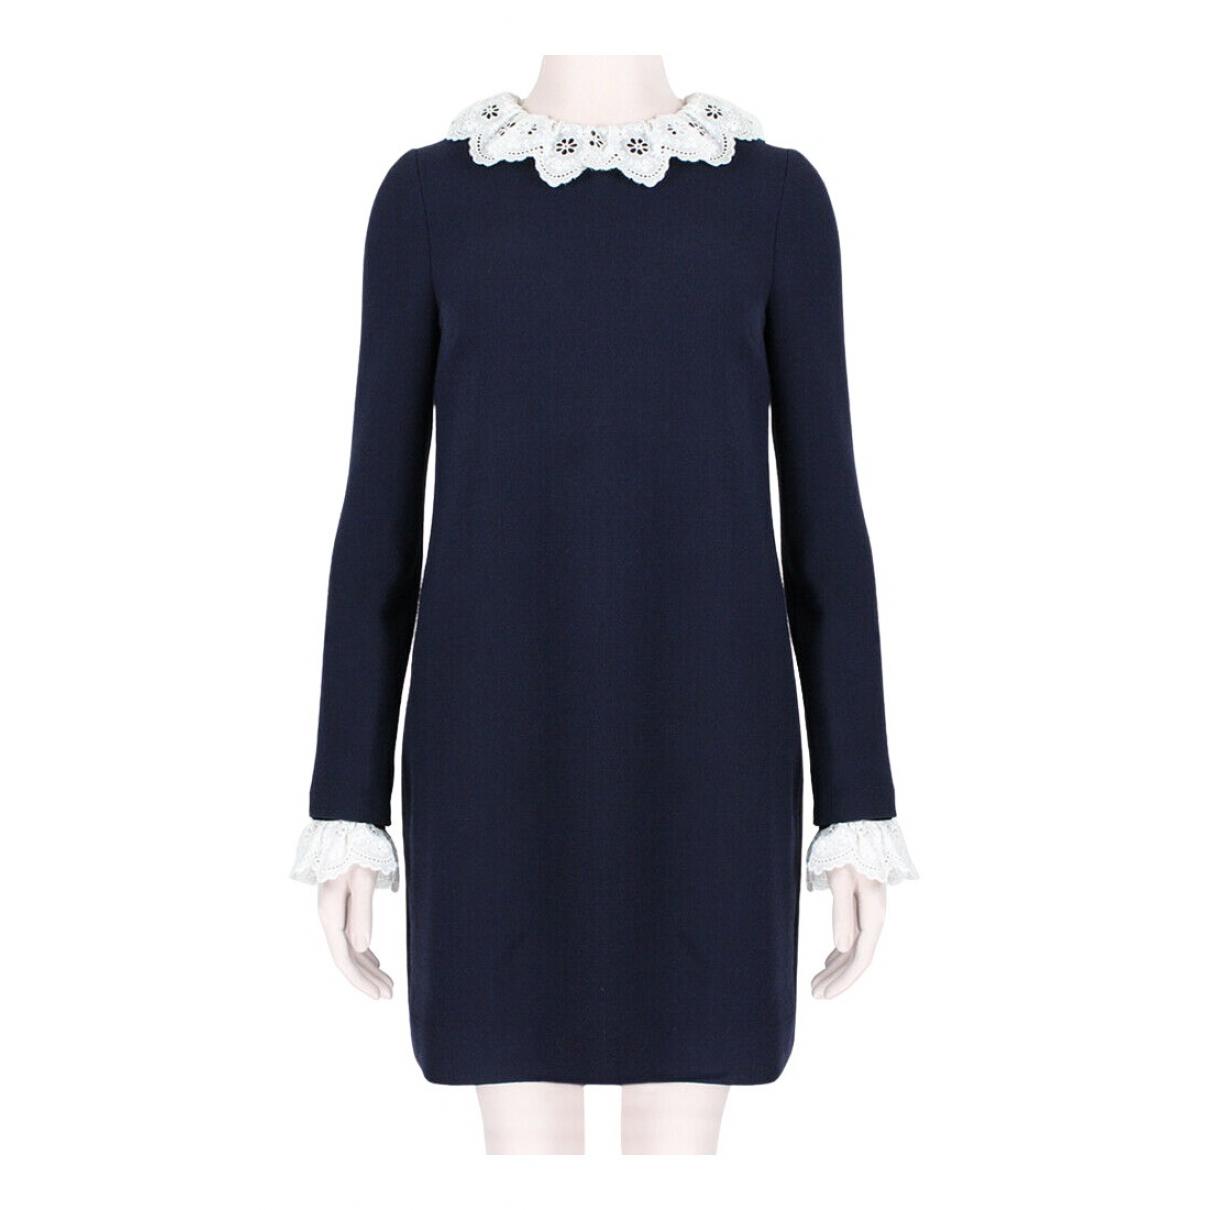 Victoria, Victoria Beckham \N Kleid in  Blau Wolle